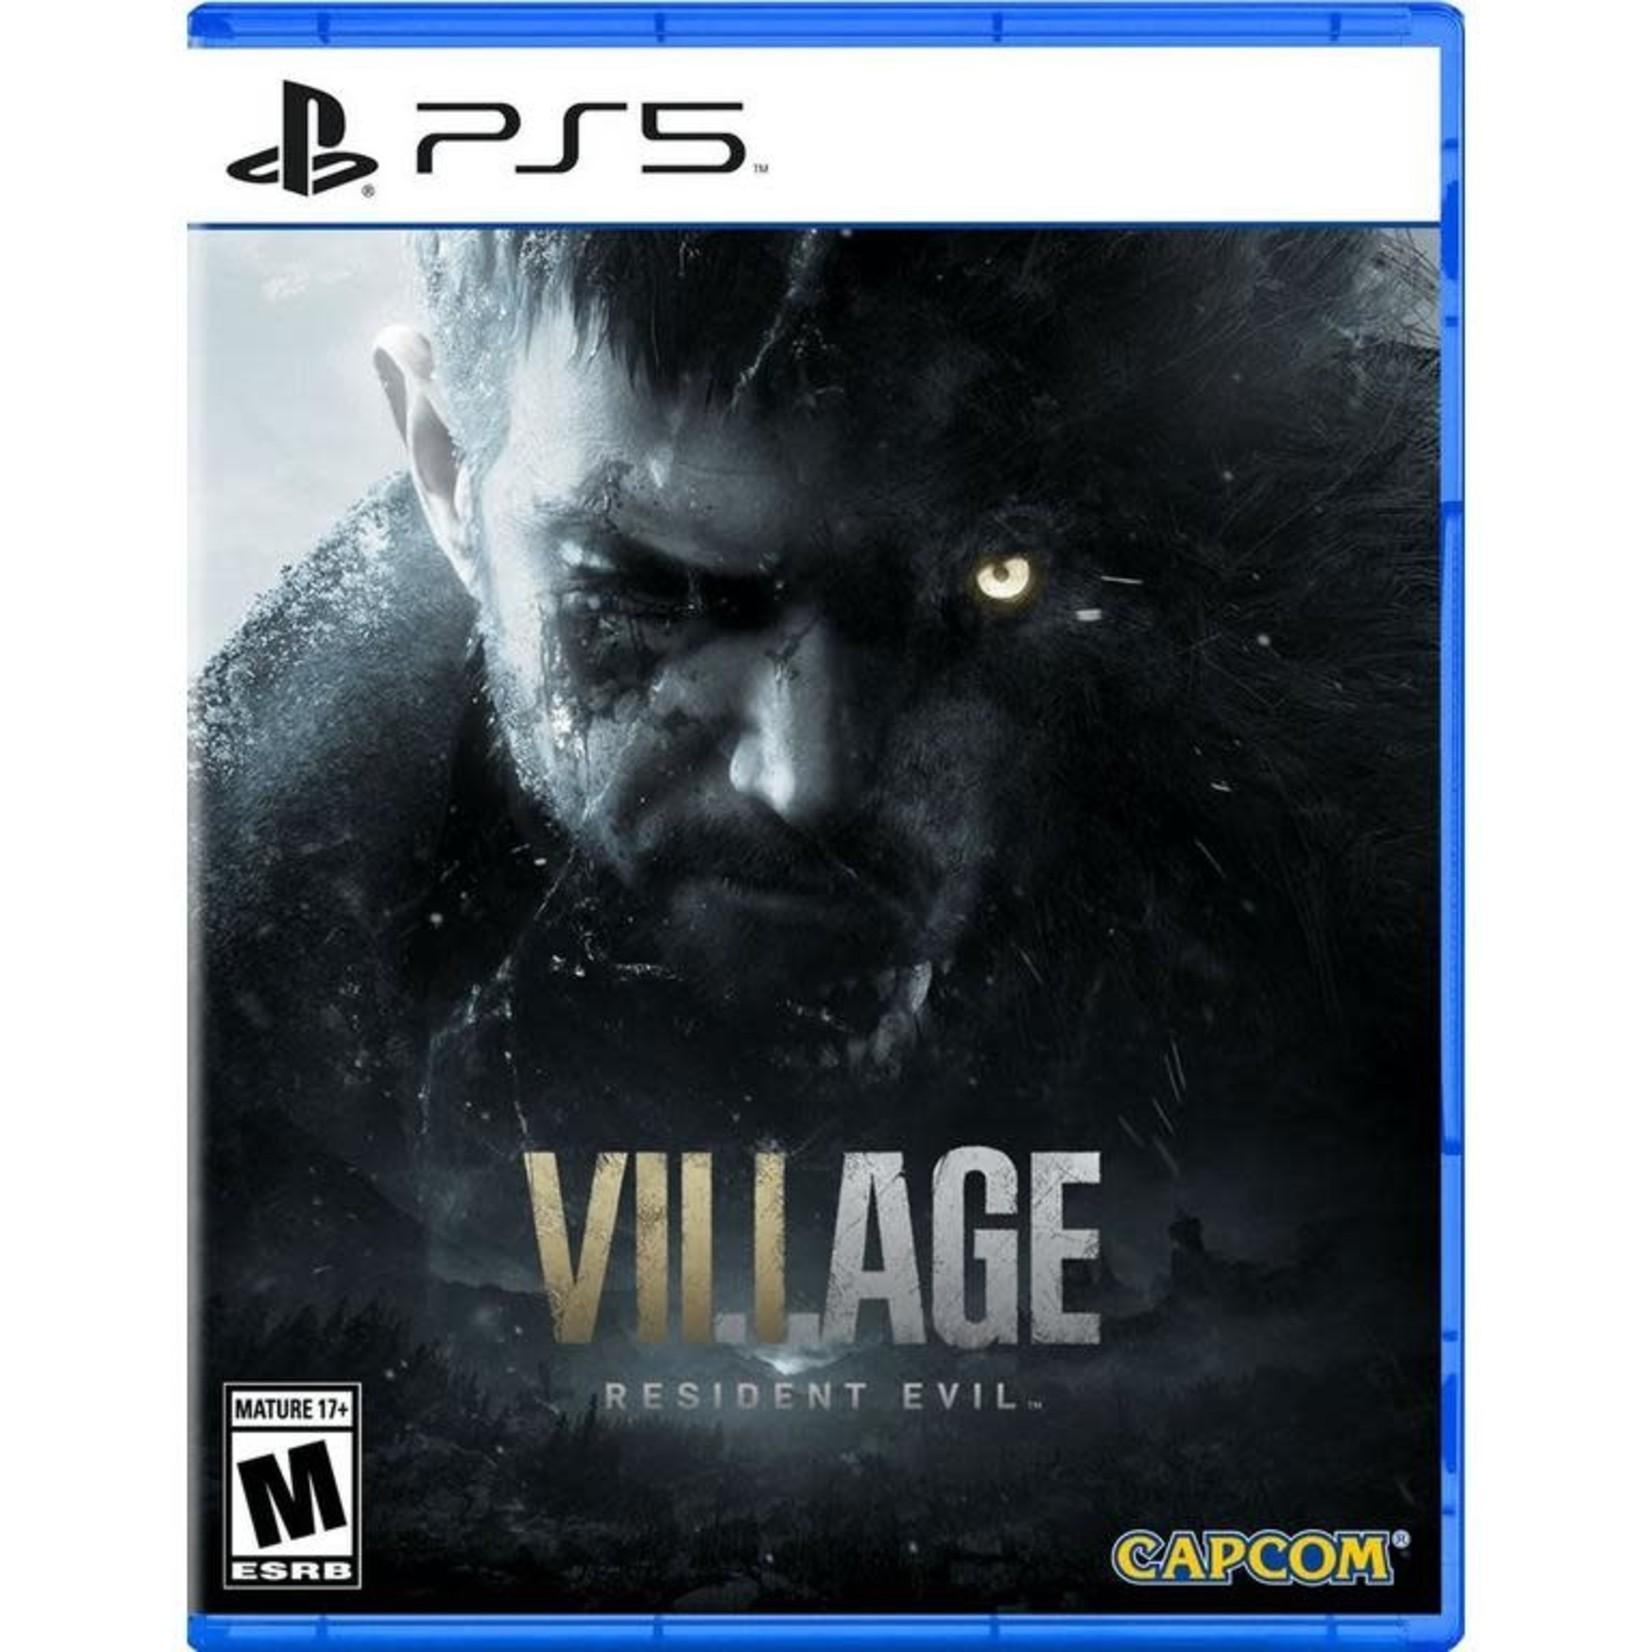 PS5-Resident Evil Village